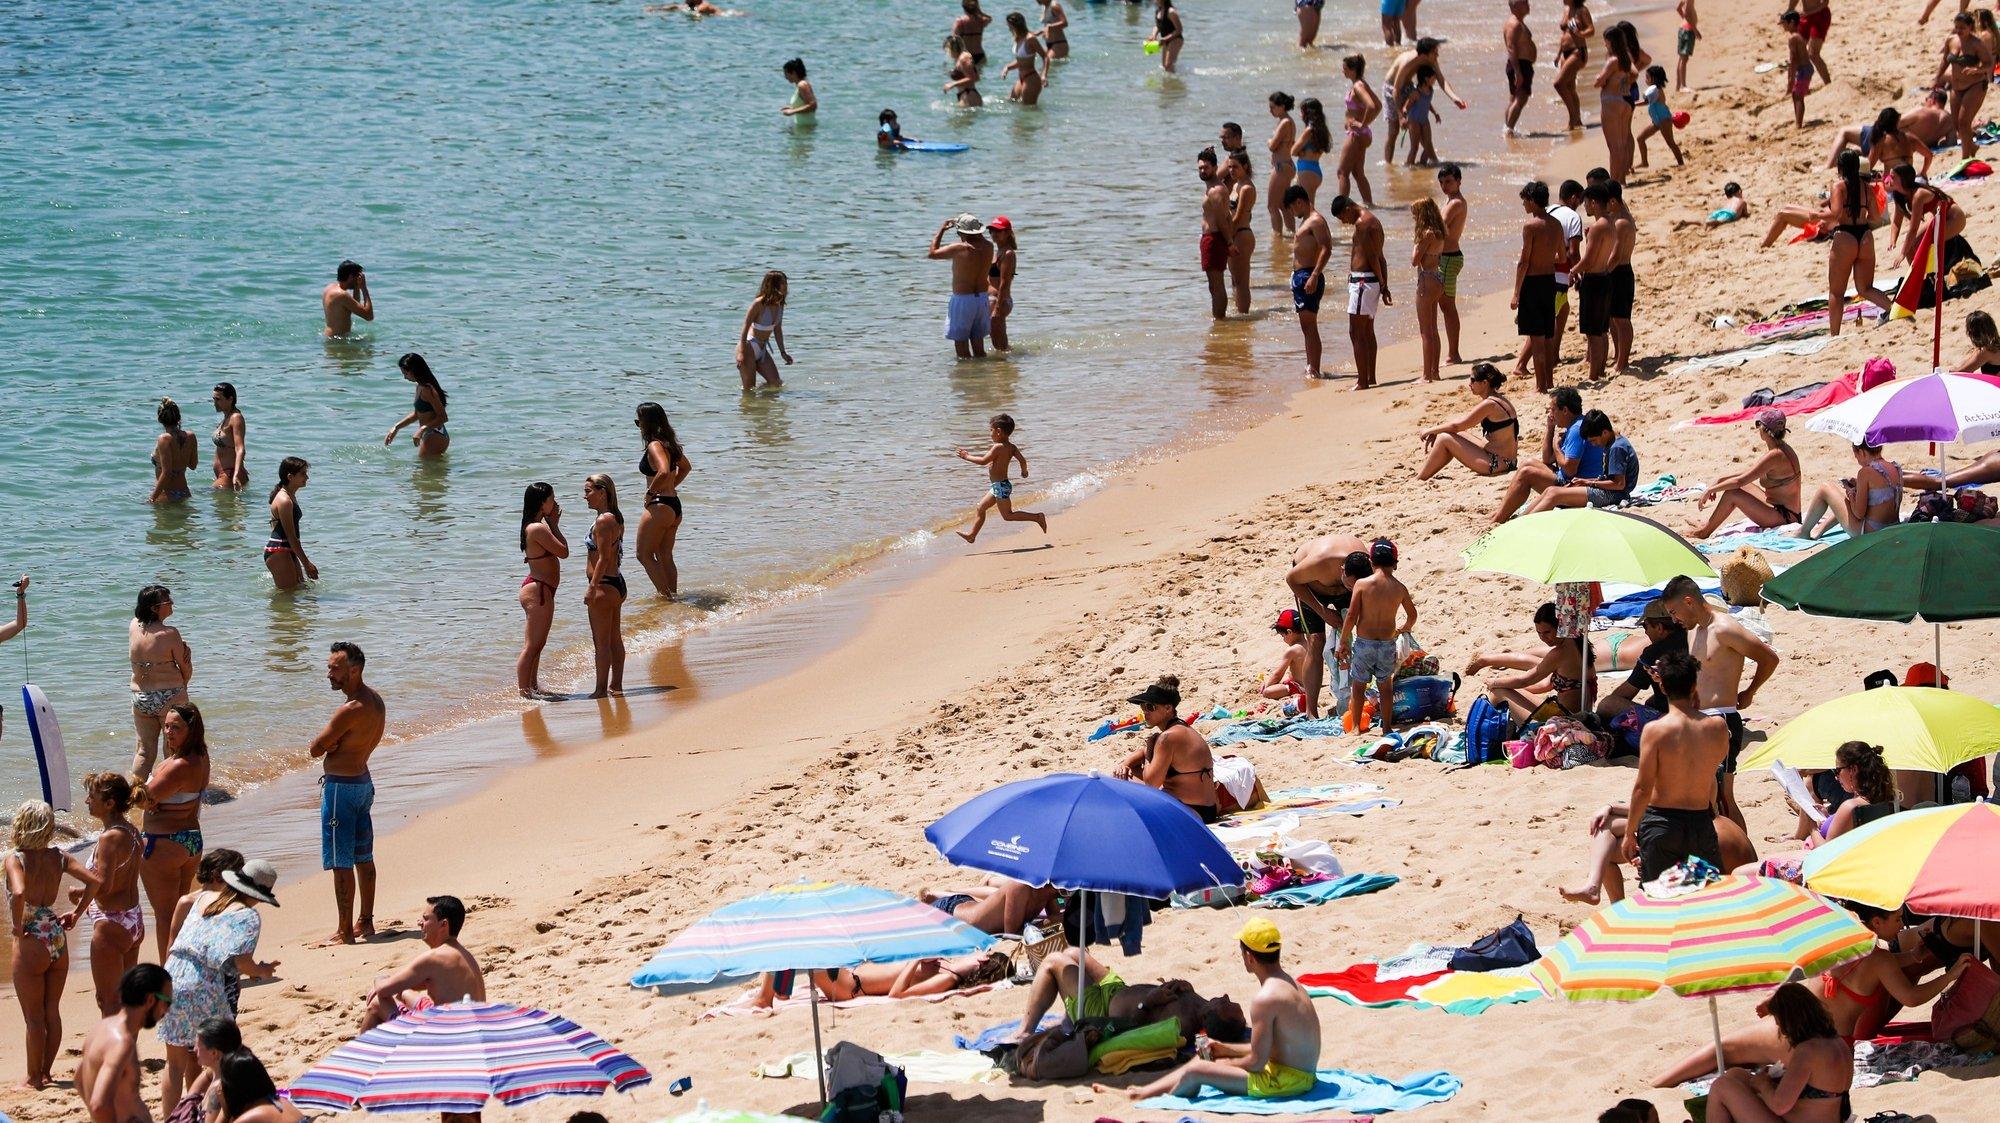 Populares frequentam a praia de São Pedro do Estoril, em Cascais, 10 de junho de 2021. Devido às altas temperaturas, a afluência foi muito alta nas praias da Linha do Estoril. JOSE SENA GOULAO/LUSA